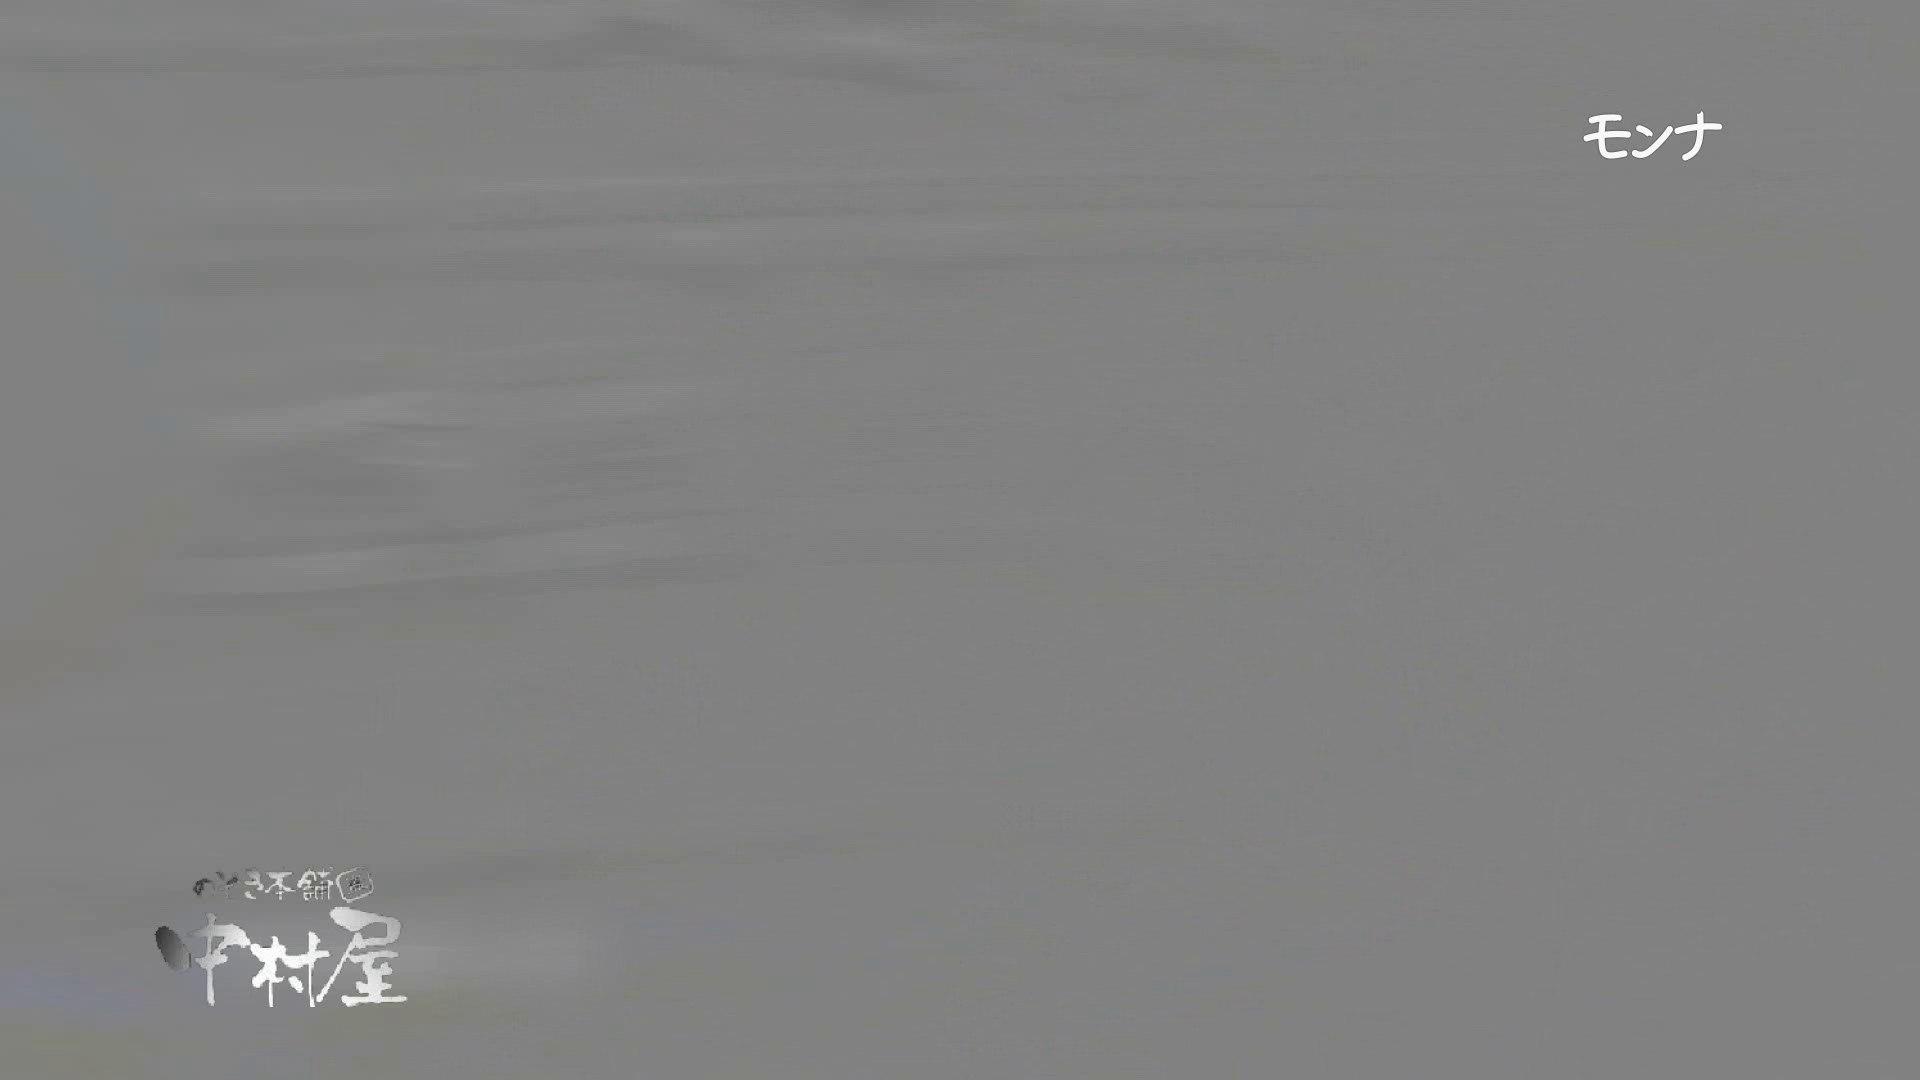 【美しい日本の未来】新学期!!下半身中心に攻めてます美女可愛い女子悪戯盗satuトイレ後編 悪戯 | 下半身  97pic 64